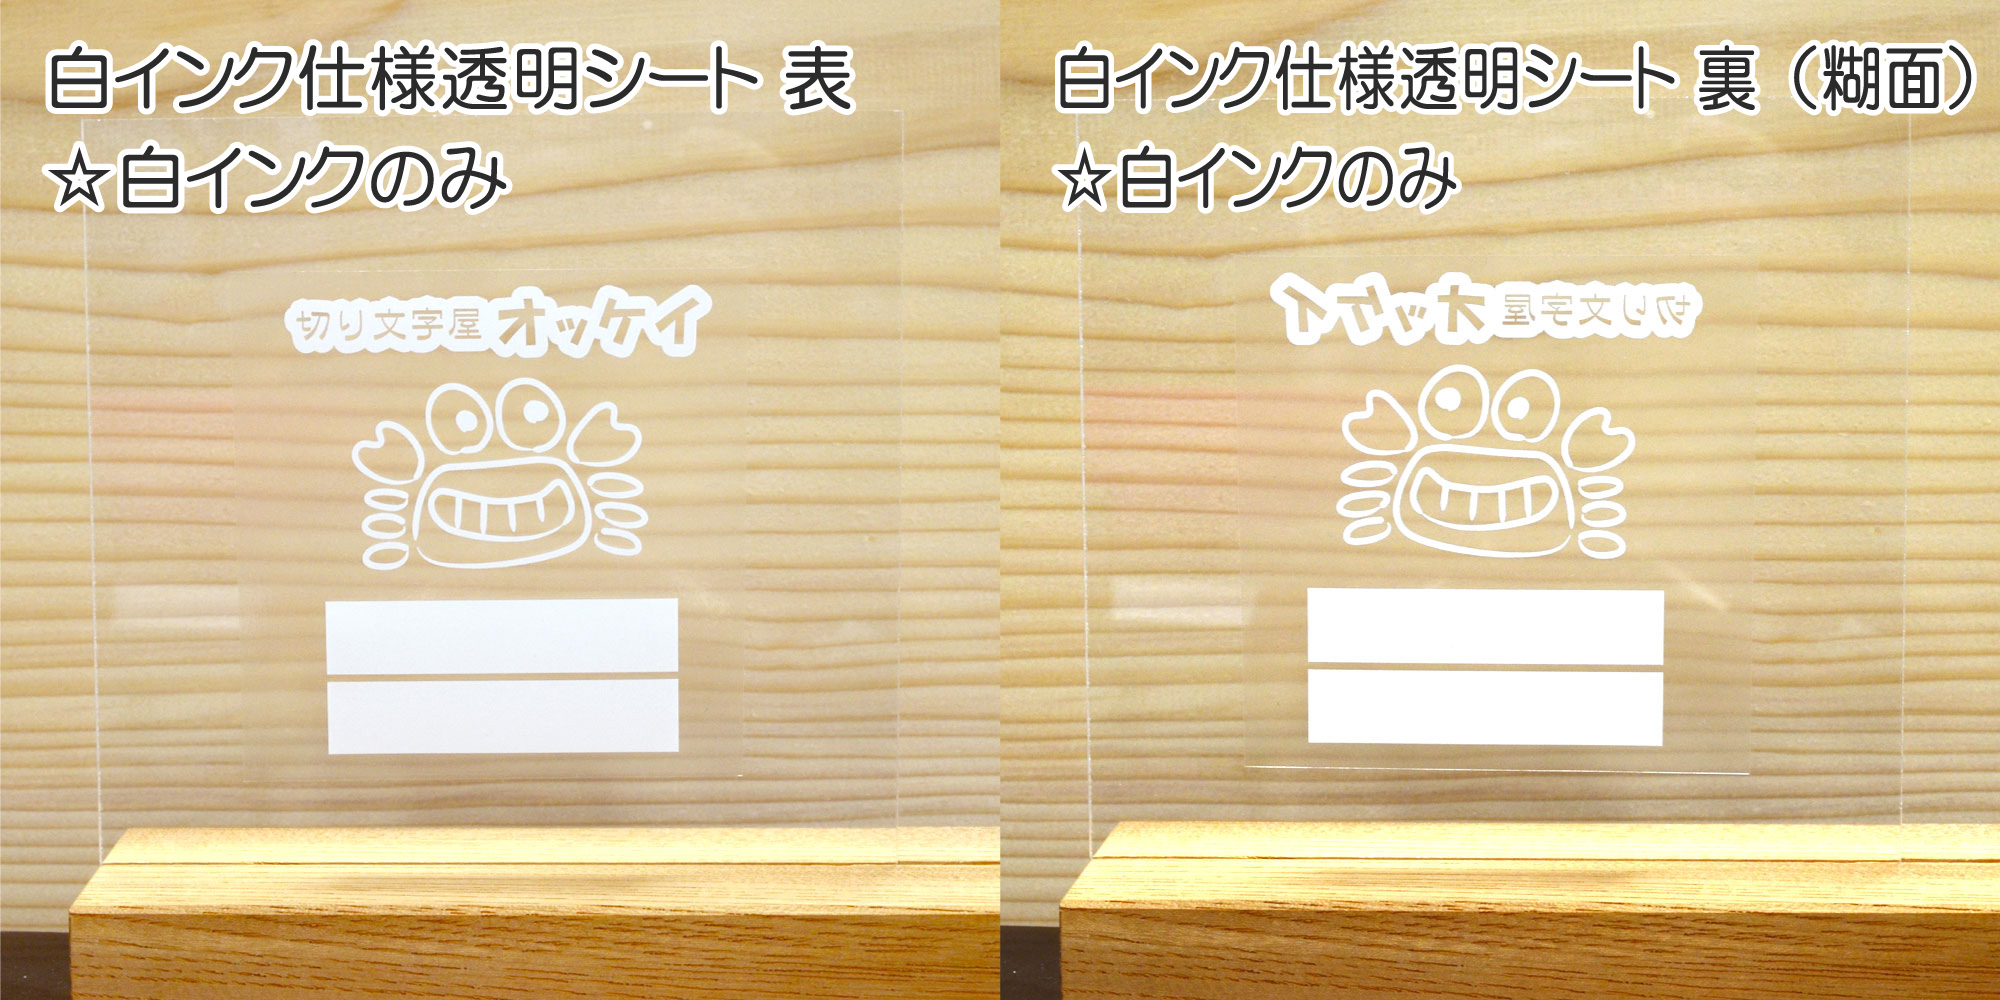 透明シート白インクプリント、表と裏